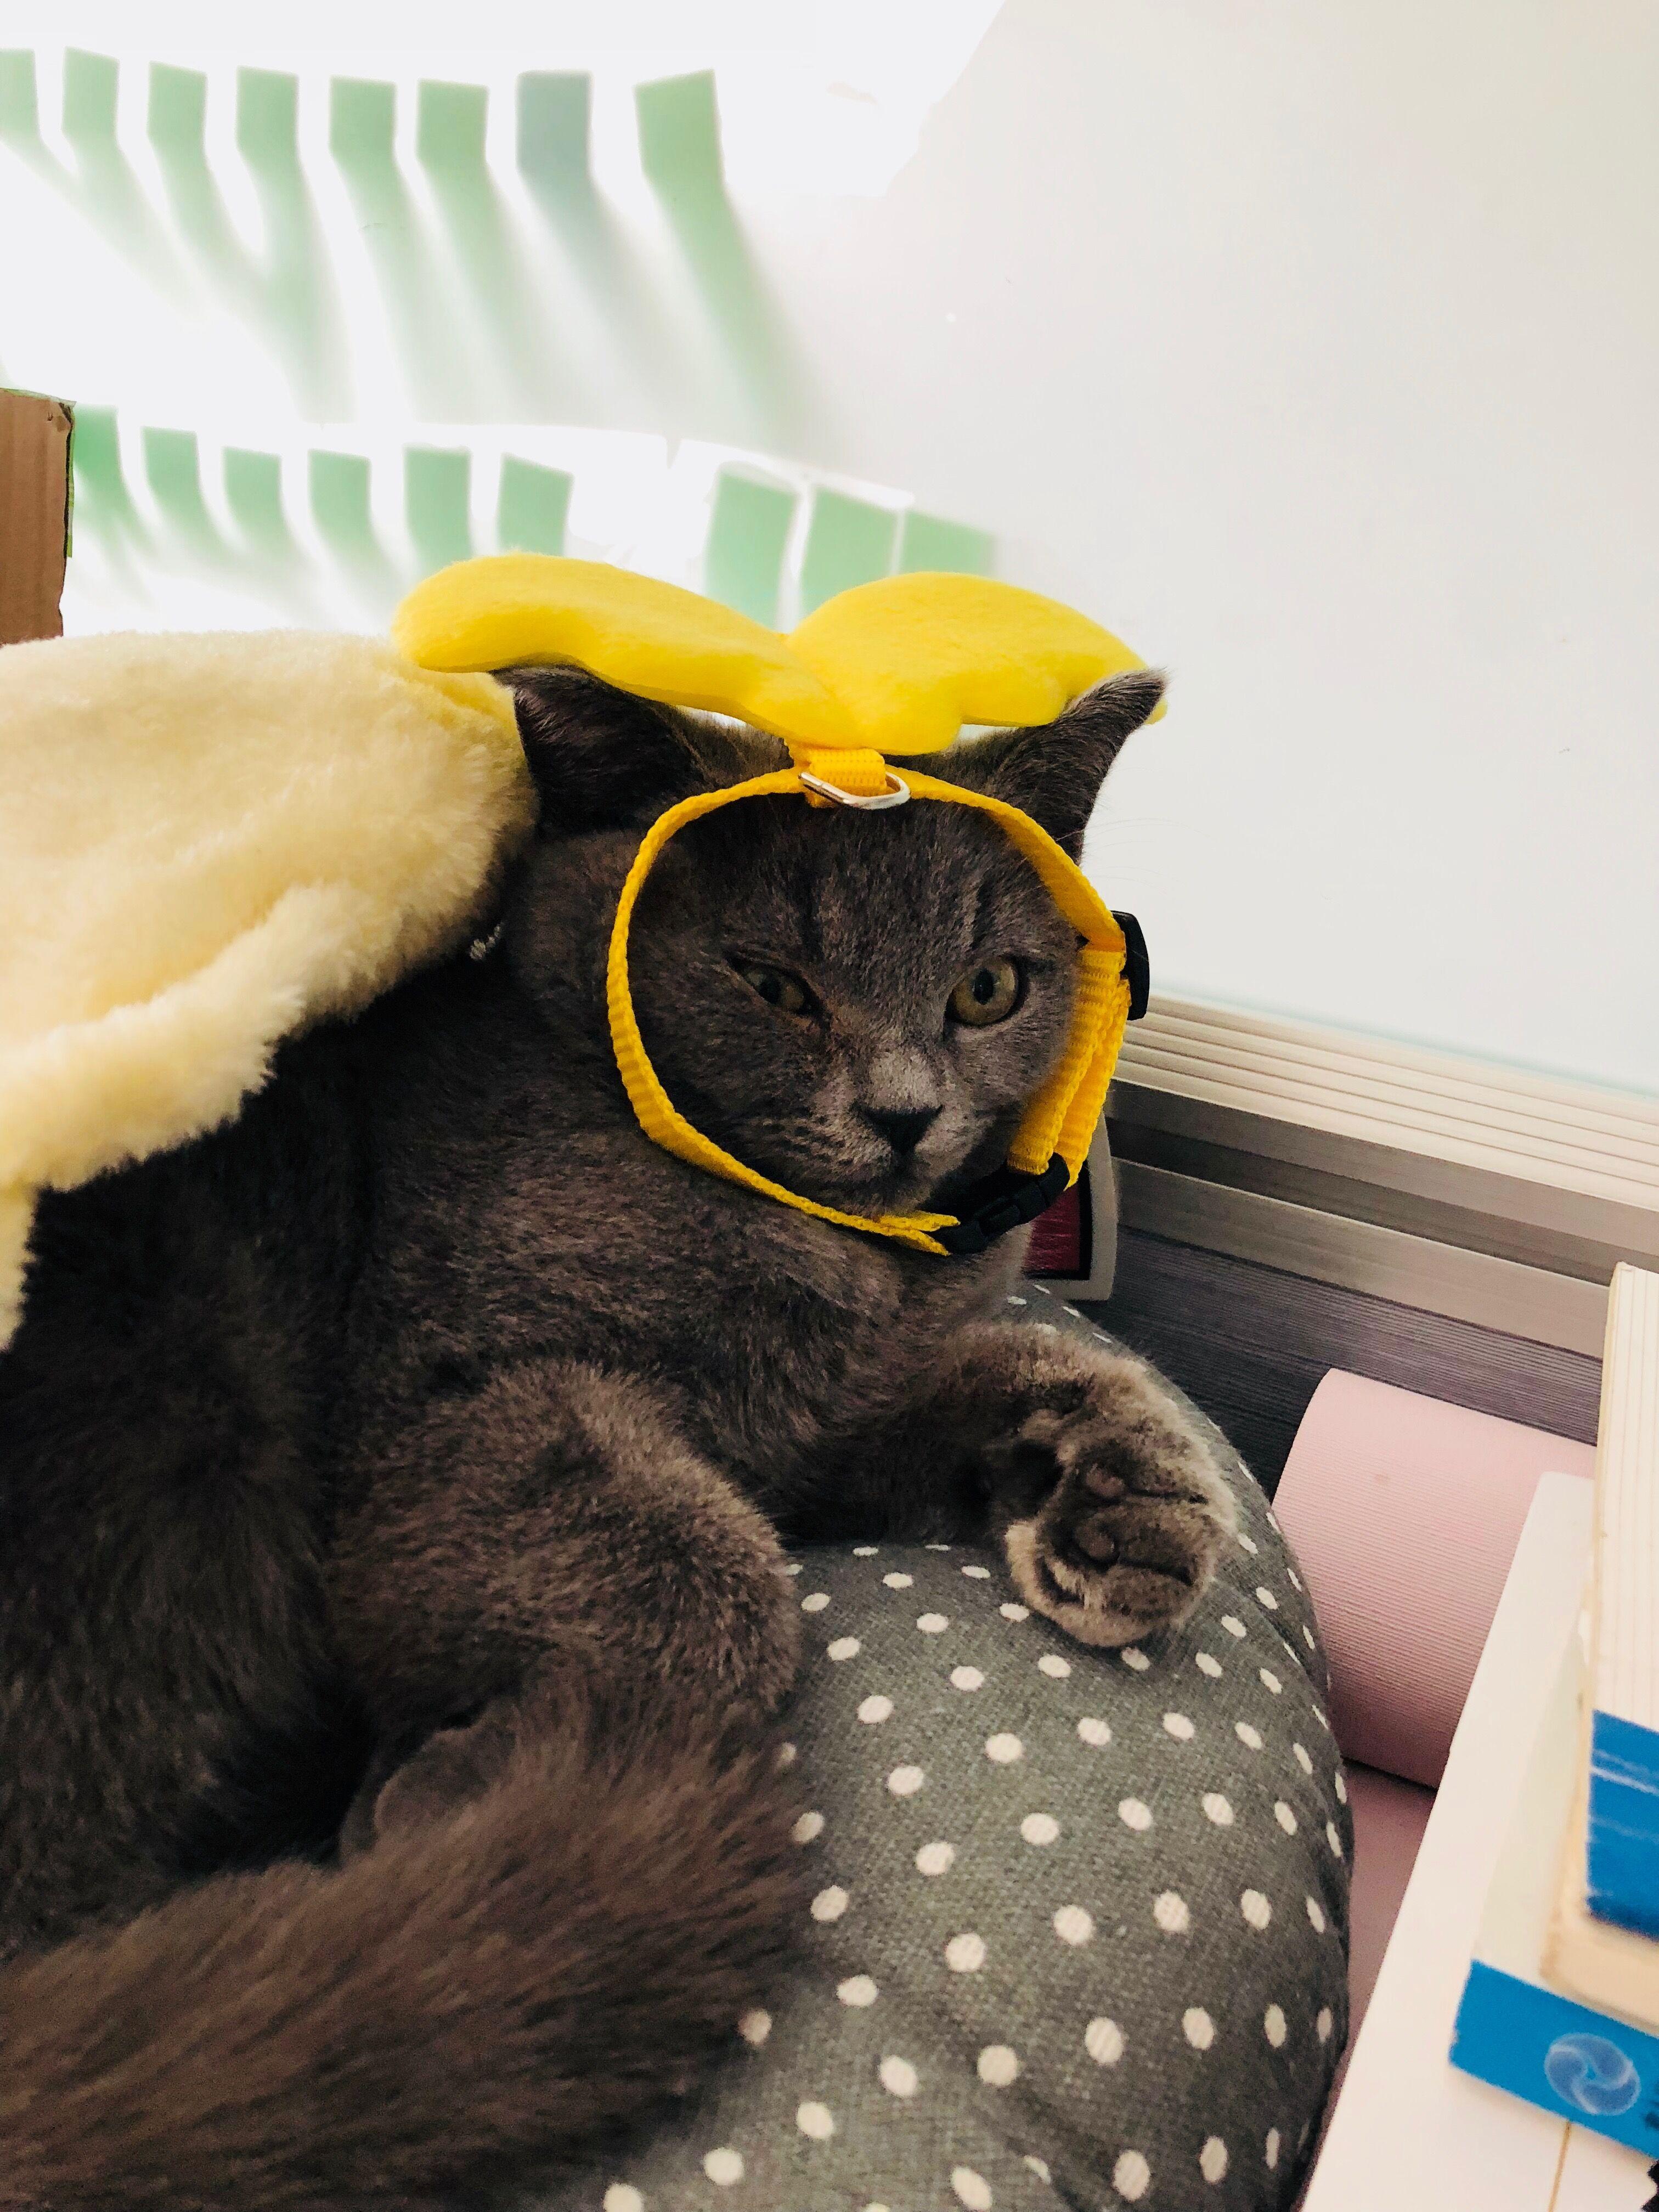 高冷猫咪难亲近,猫奴有没有翻身之日?